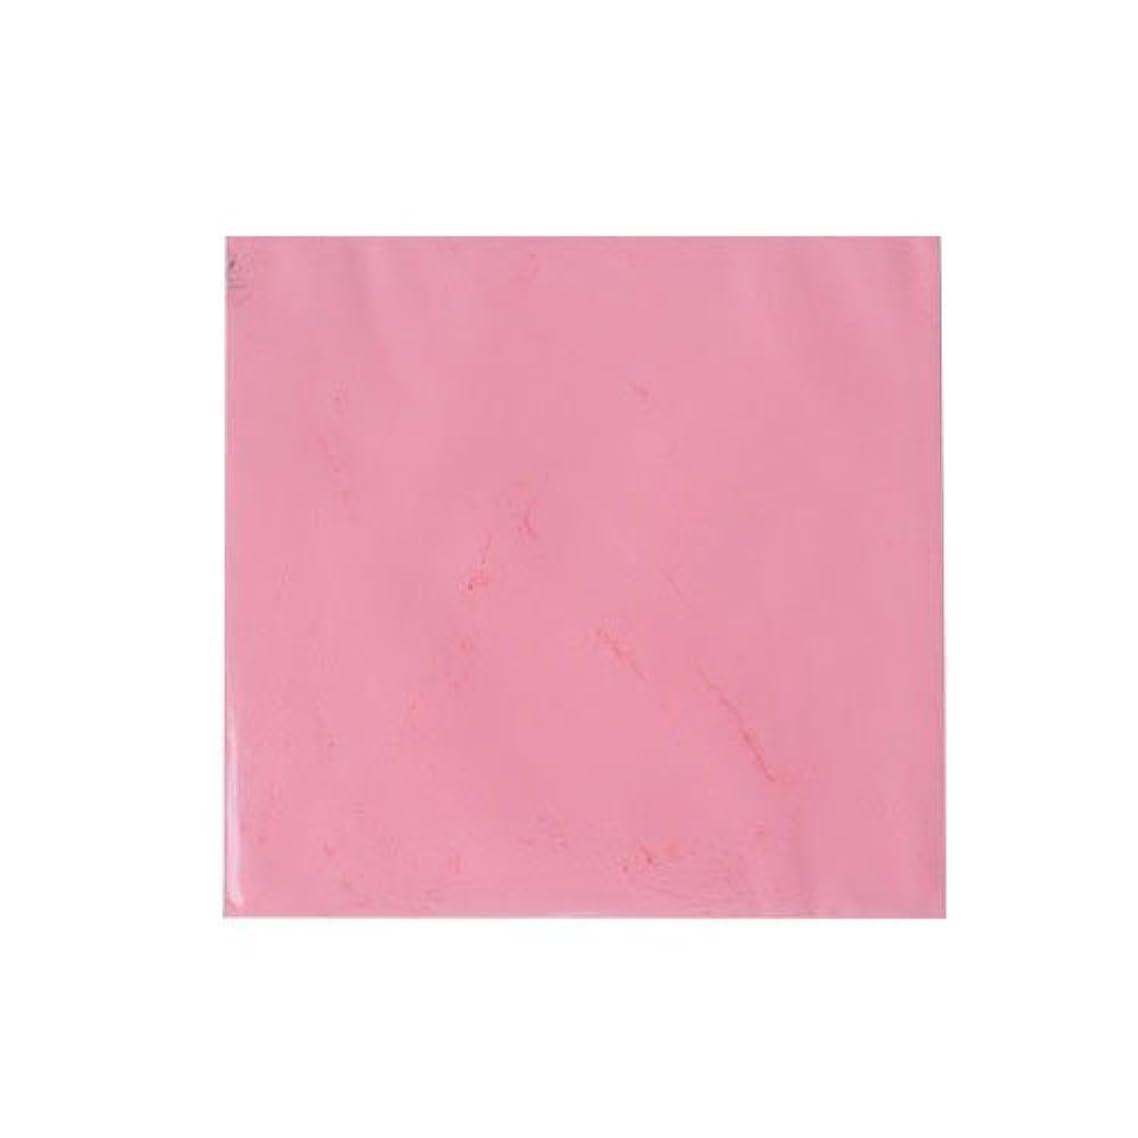 余裕がある追う契約するピカエース ネイル用パウダー カラーパウダー 着色顔料 #721 ホットピンク 2g